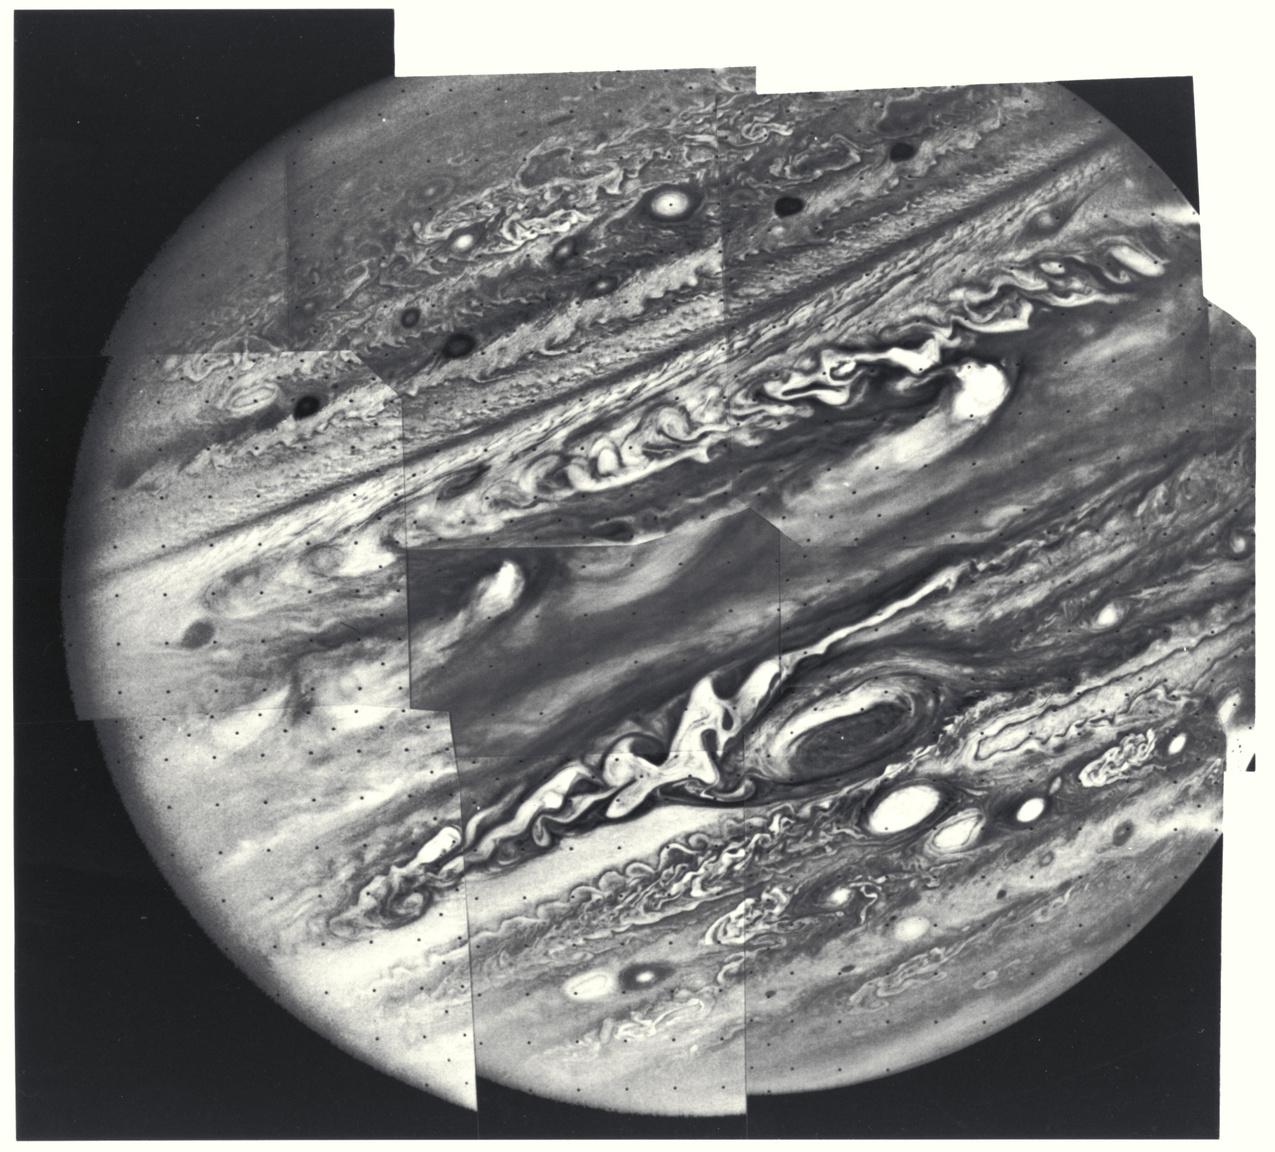 1979. március 7. Lenyűgöző Jupiter-portré Voyager 1 által készített fekete-fehér fotók mozaikjából.